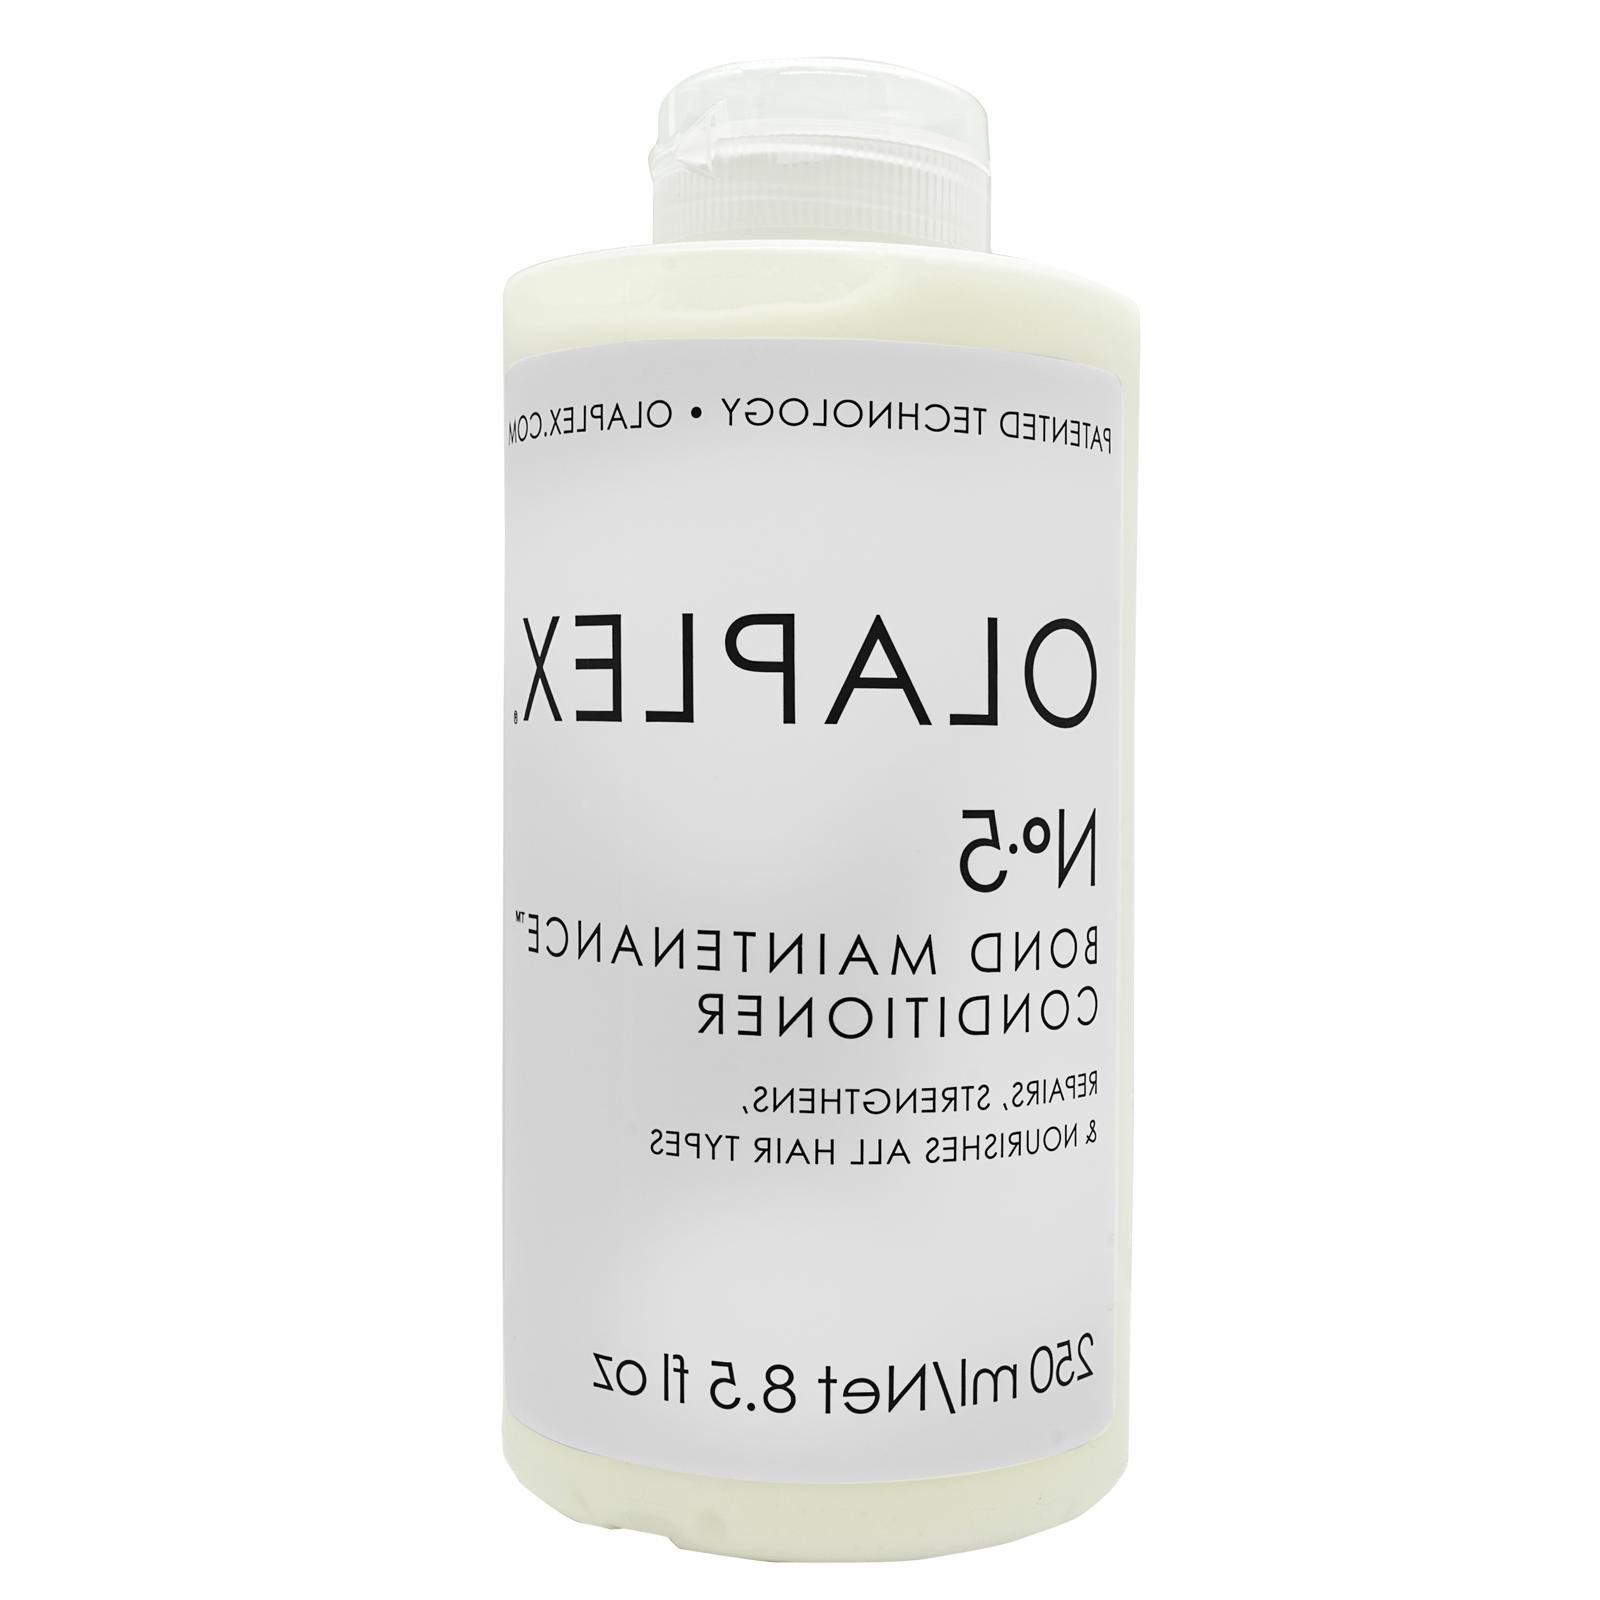 Olaplex Shampoo and/ Or No.5